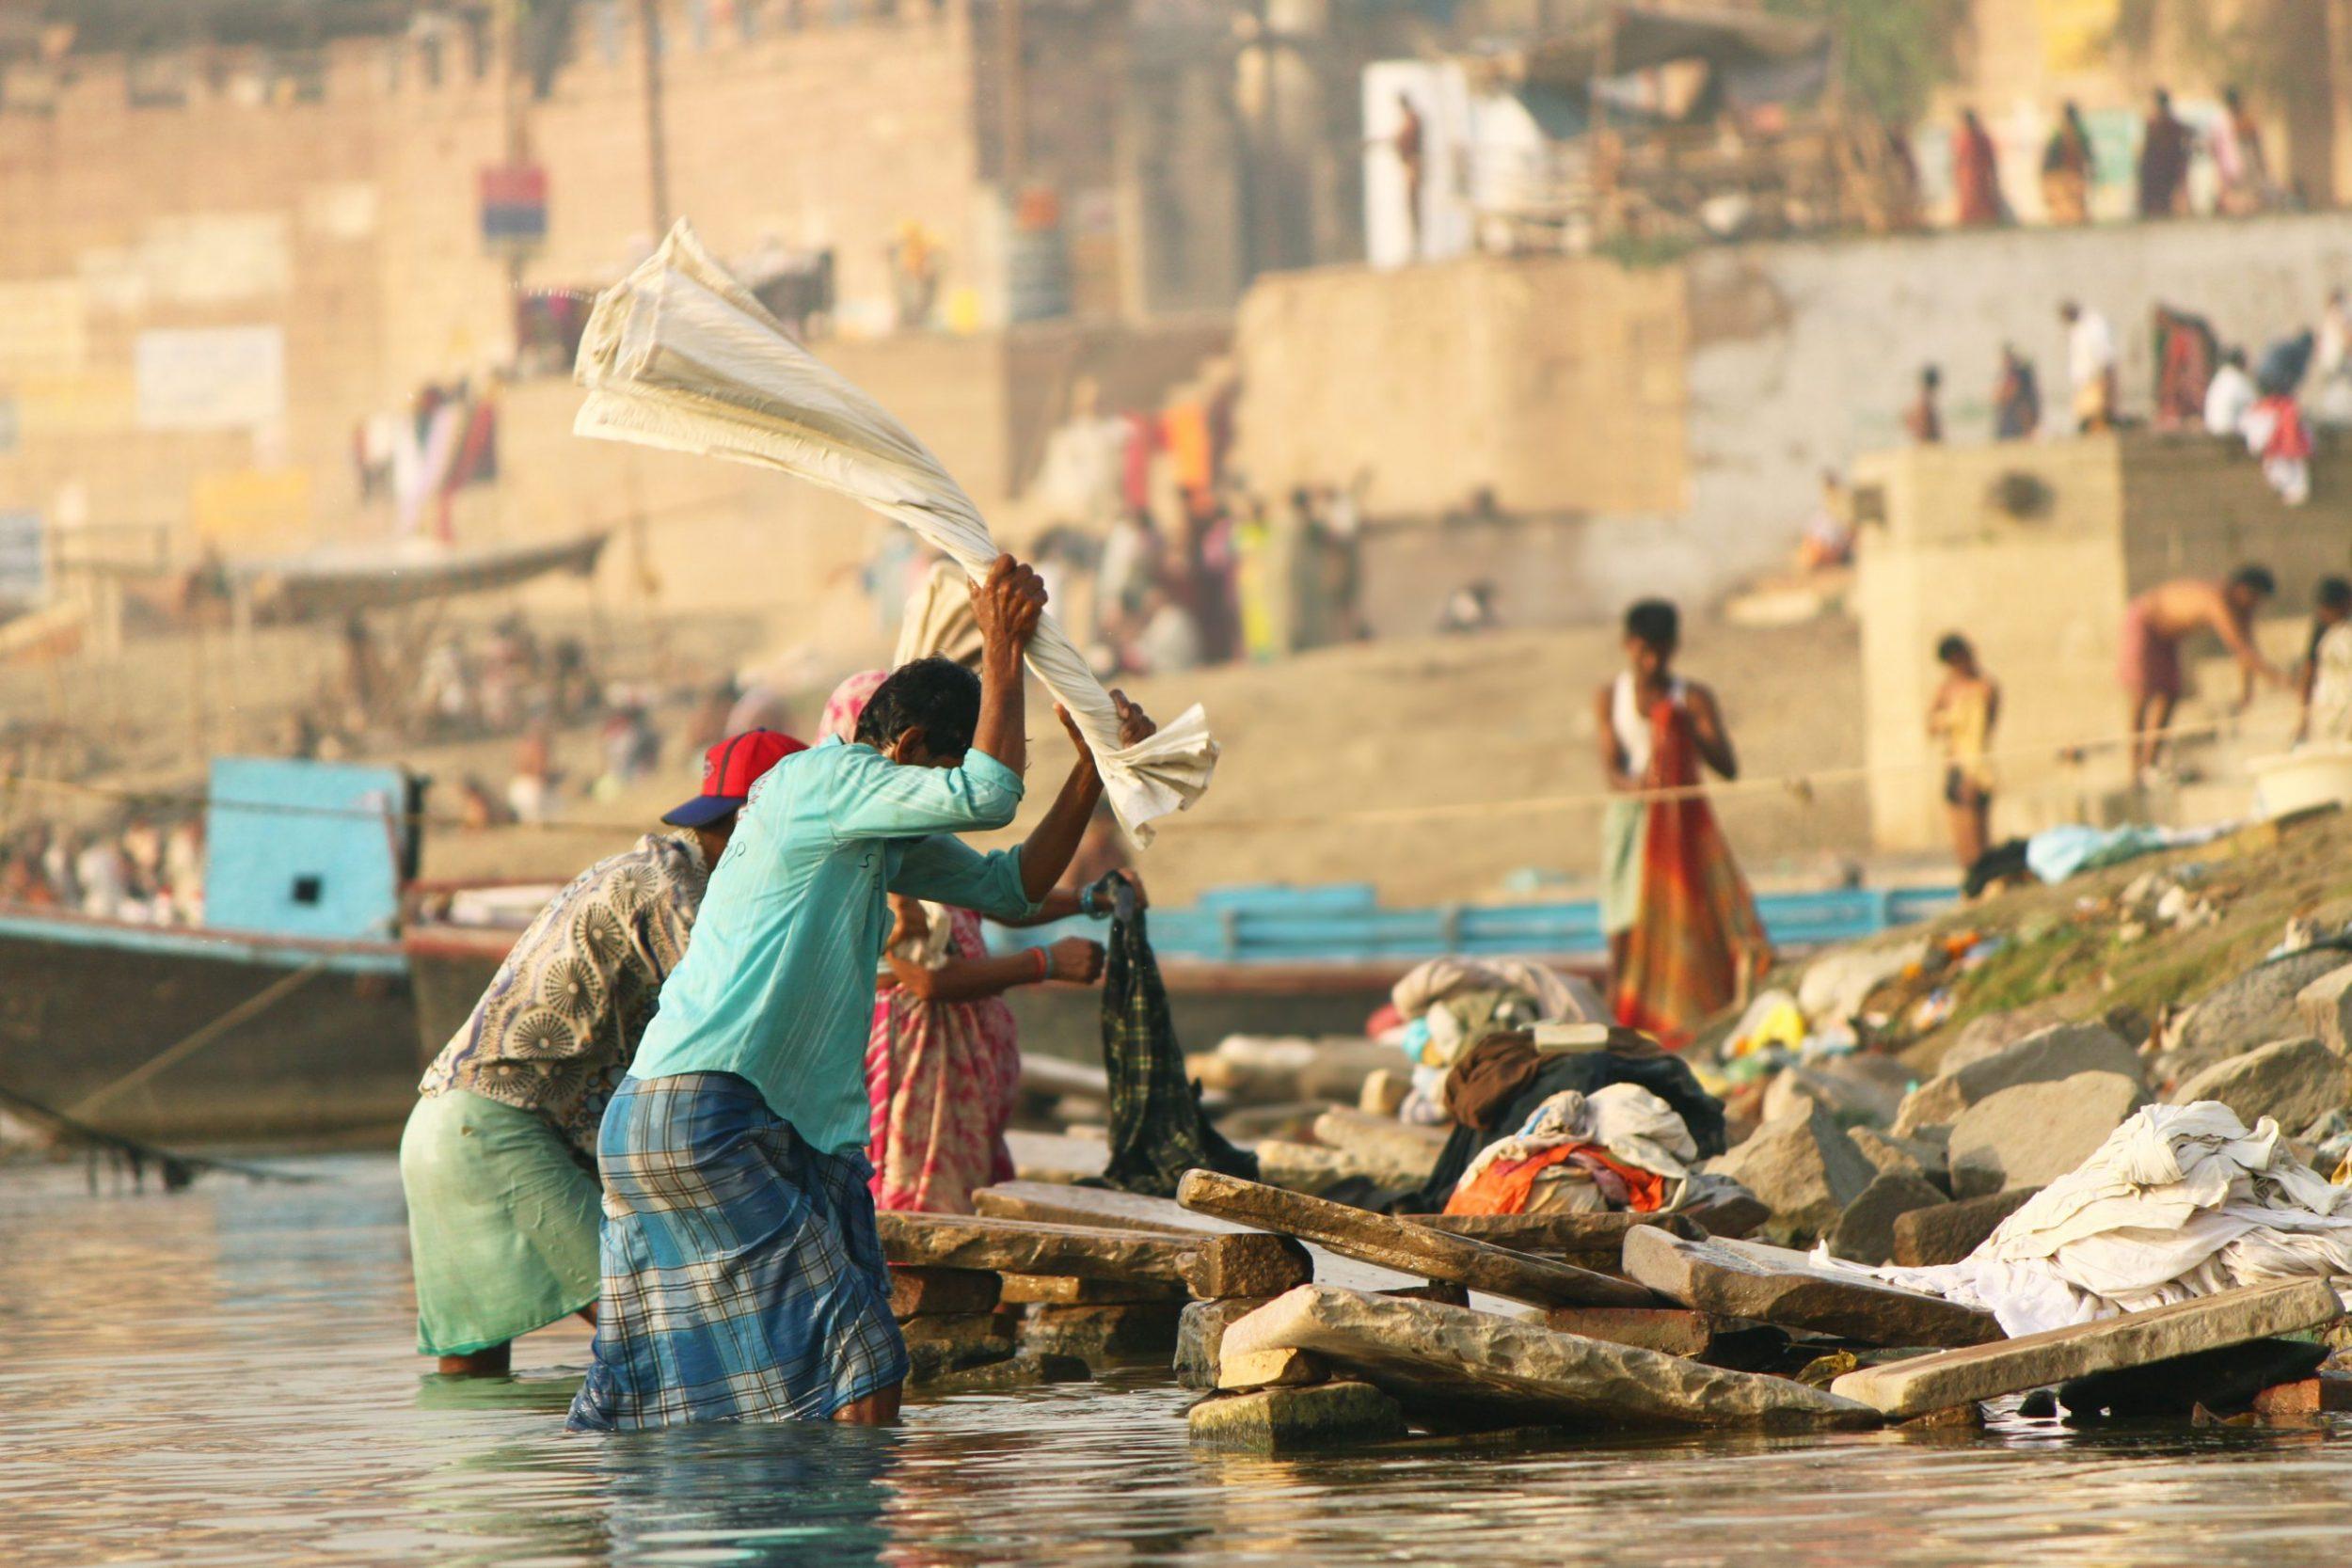 India  - Dhobi ghat at Varanasi